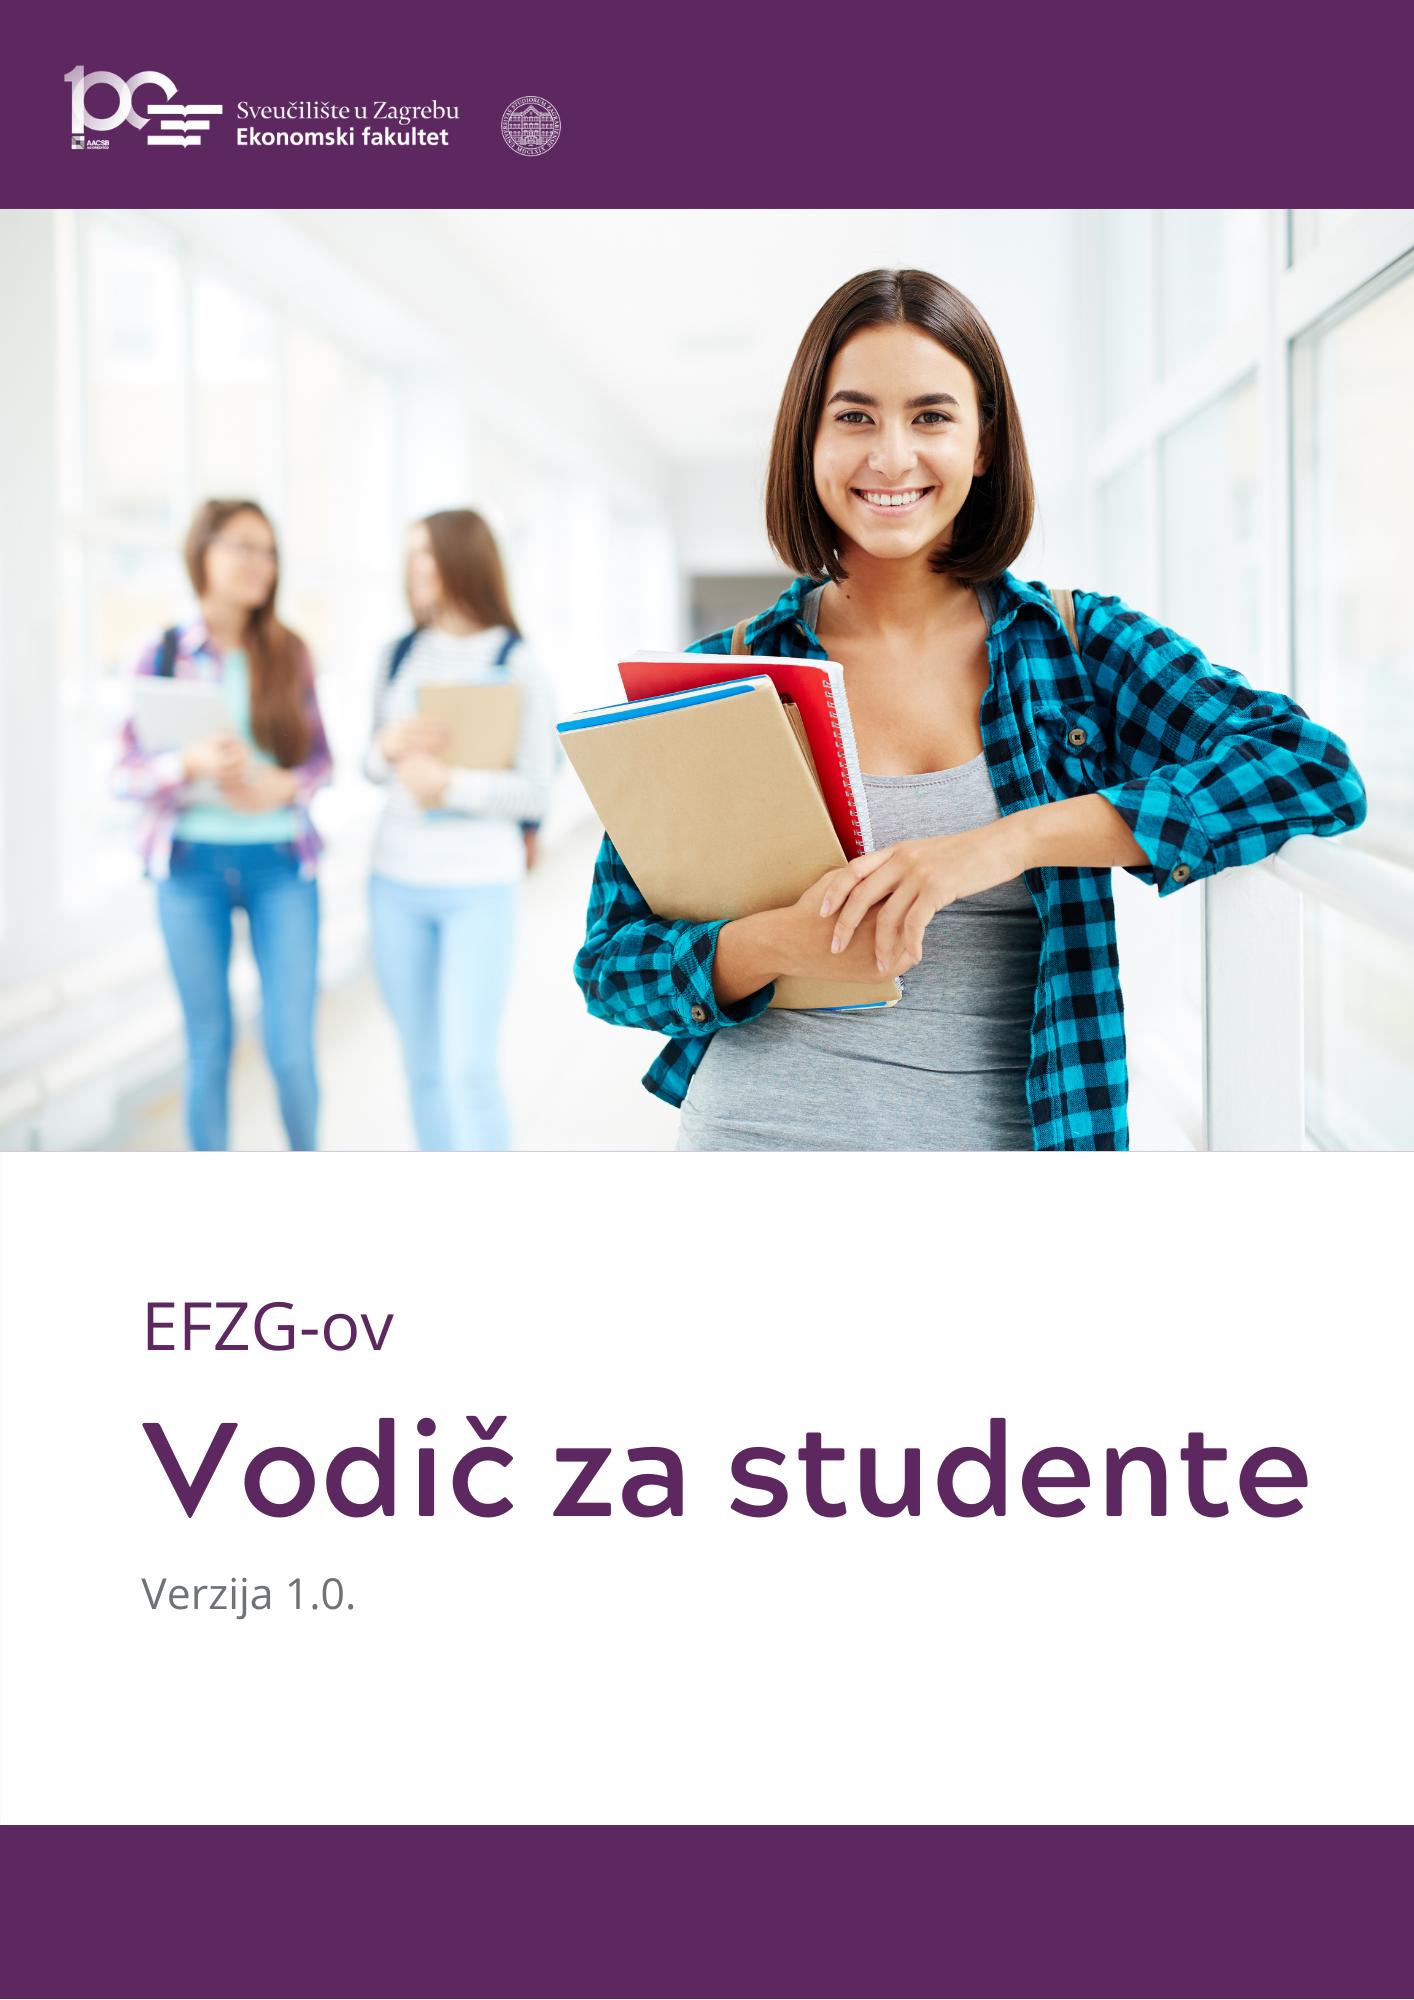 Vodic Za Studente Efzg Ekonomski Fakultet Zagreb